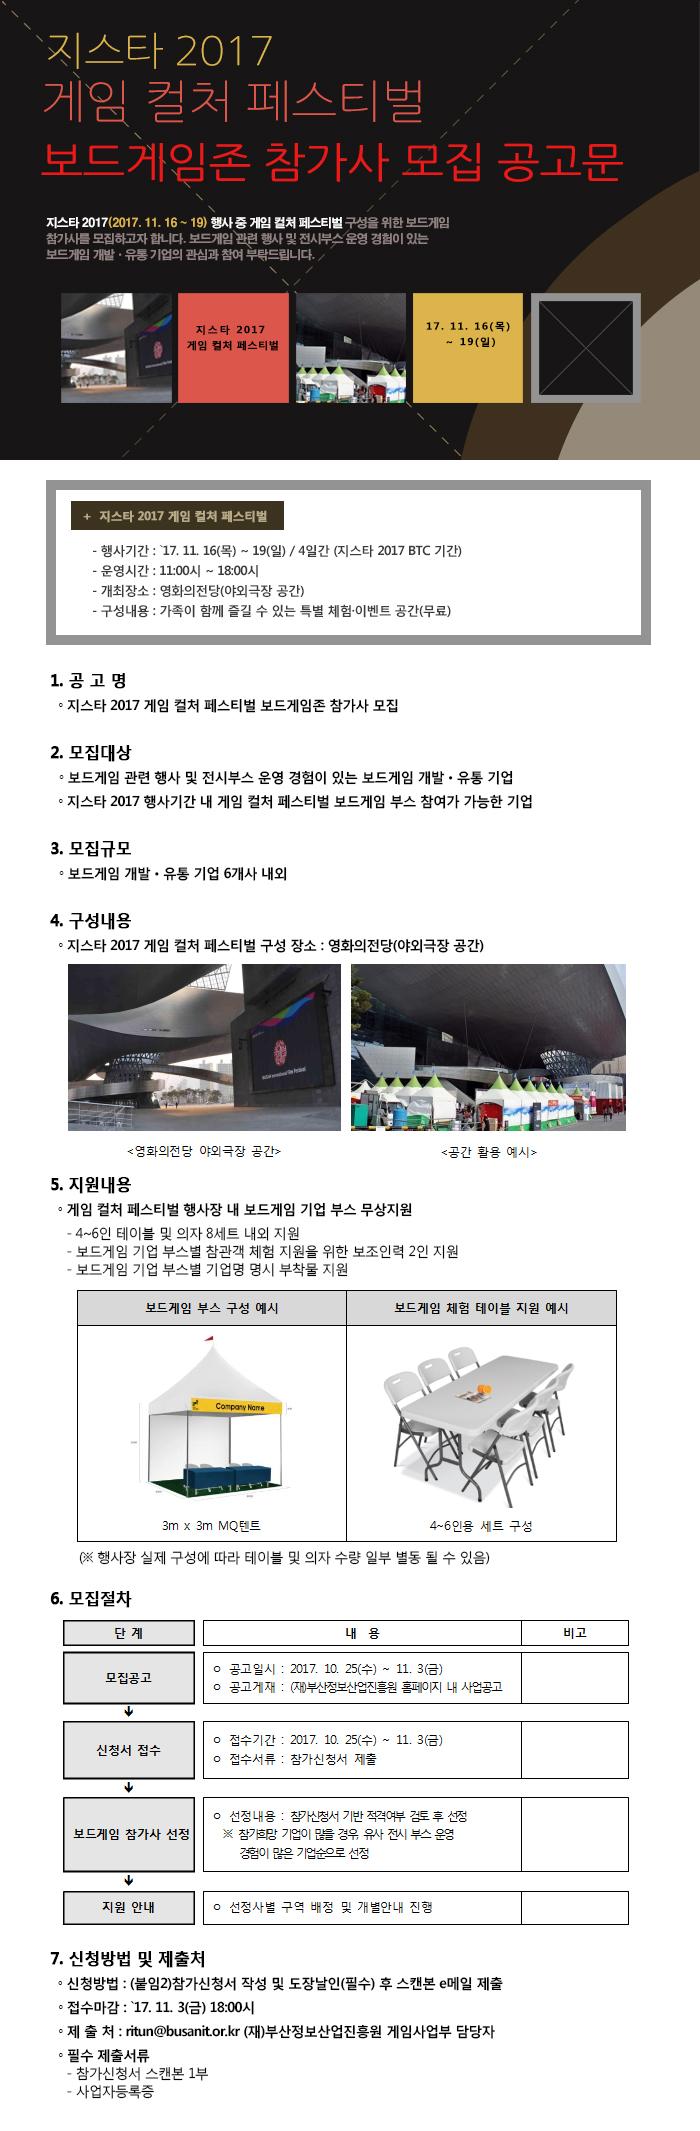 지스타 2017 게임 컬처 페스티벌 보드게임존 참가사 모집 공고문